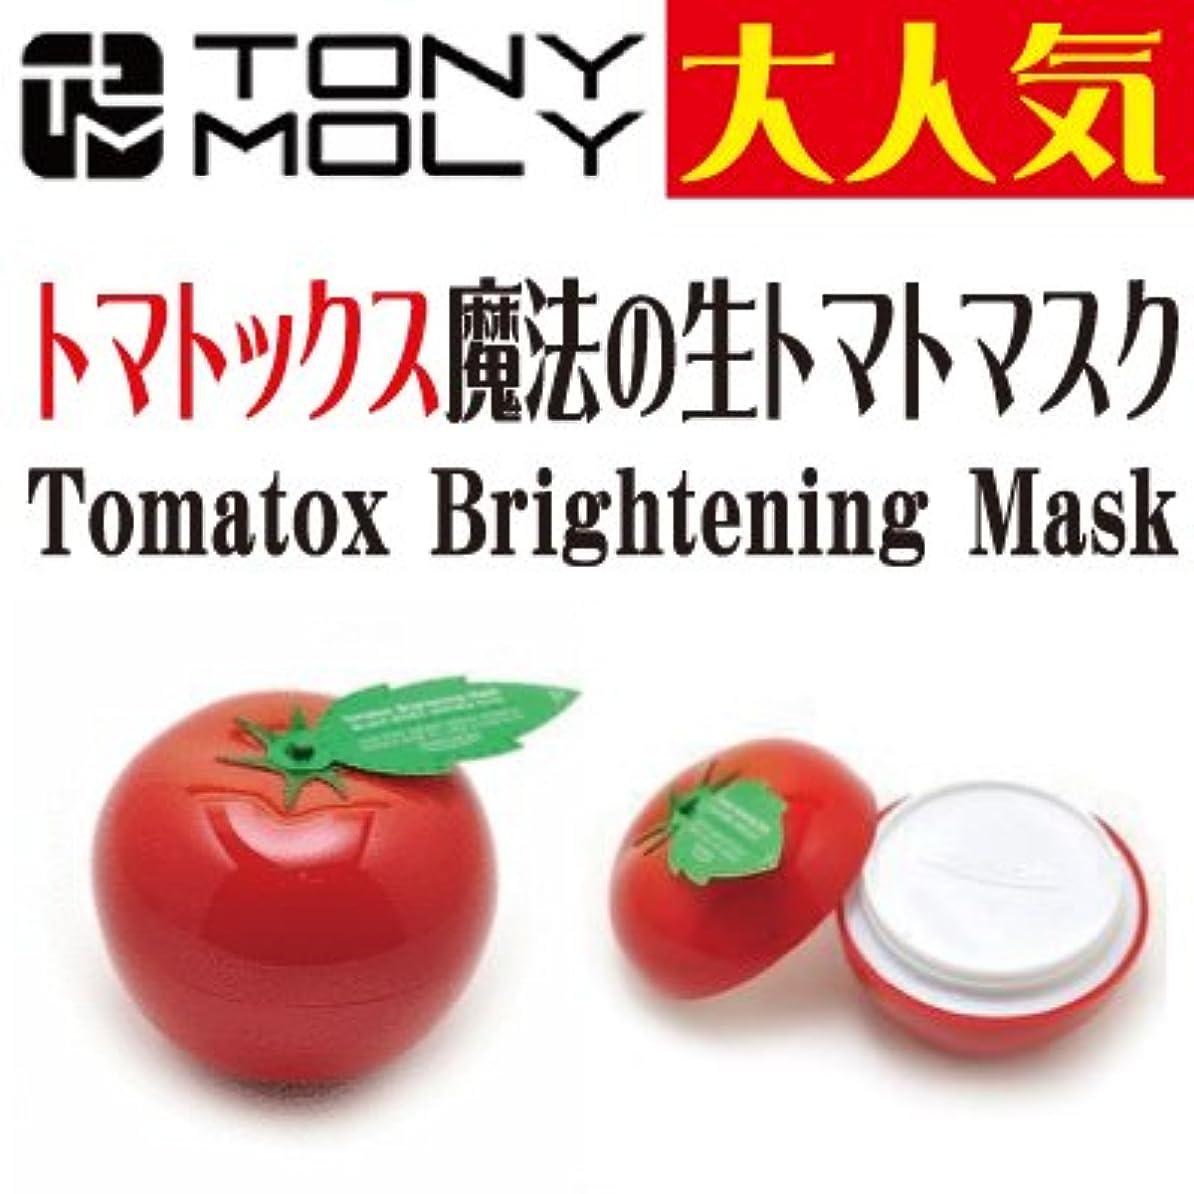 探検エレベーター活性化するTONYMOLY(トニーモリー)トマトックス ブライトニング マスク